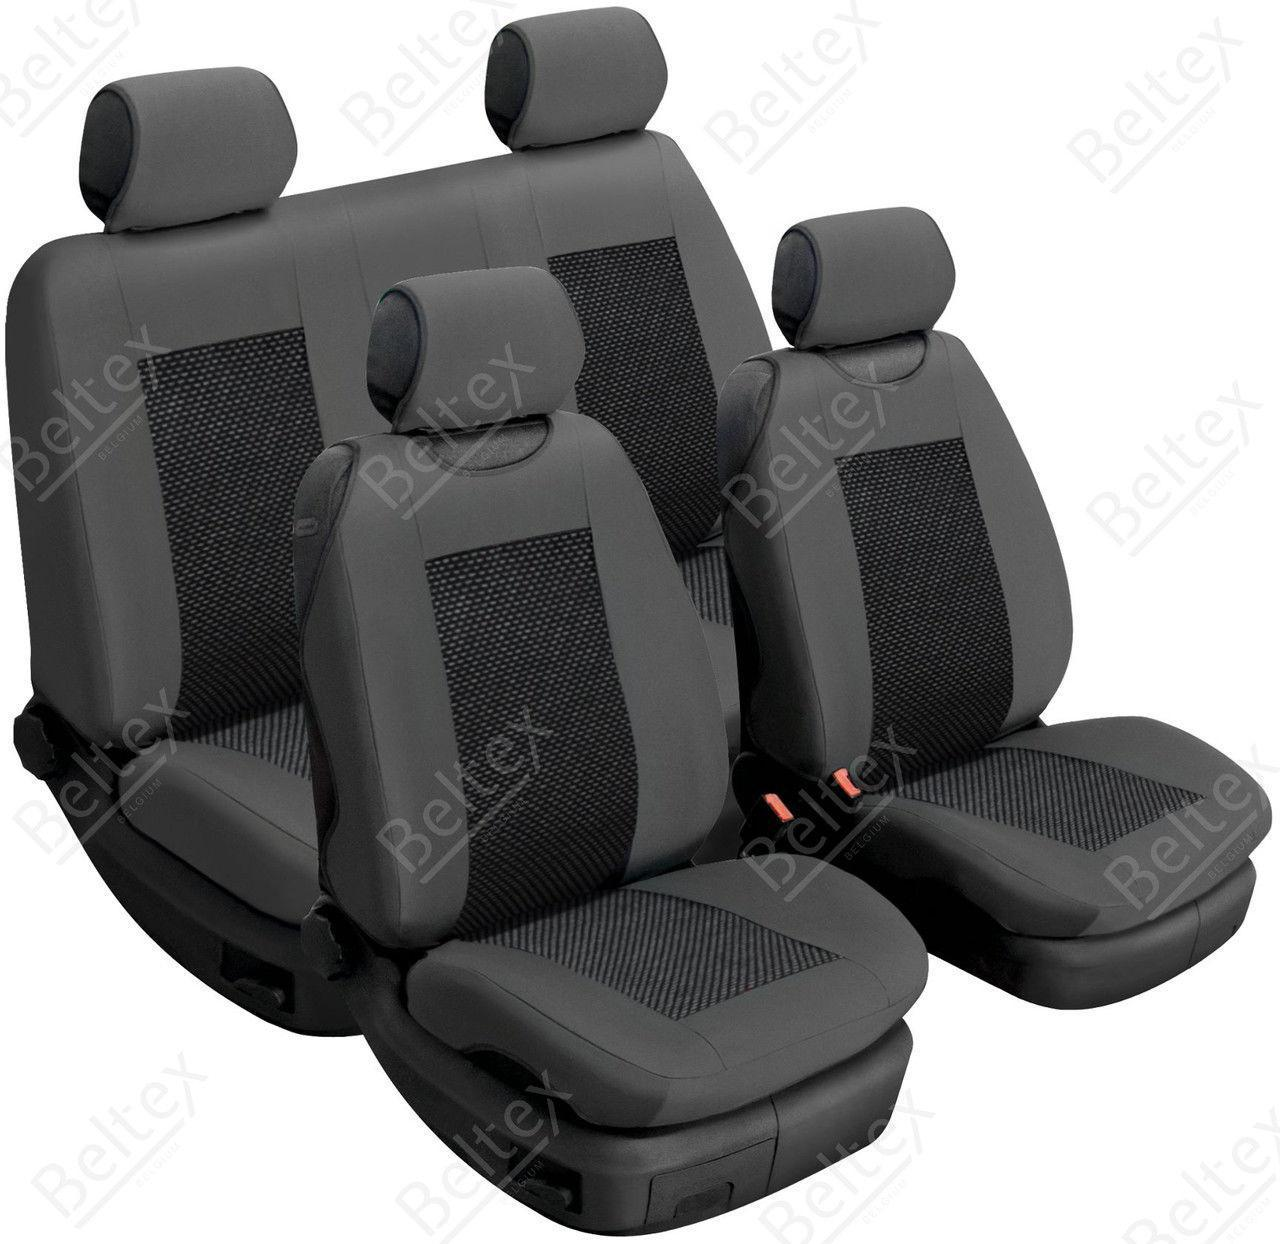 Майки/чехлы на сиденья Ниссан НП 300 (Nissan NP-300)